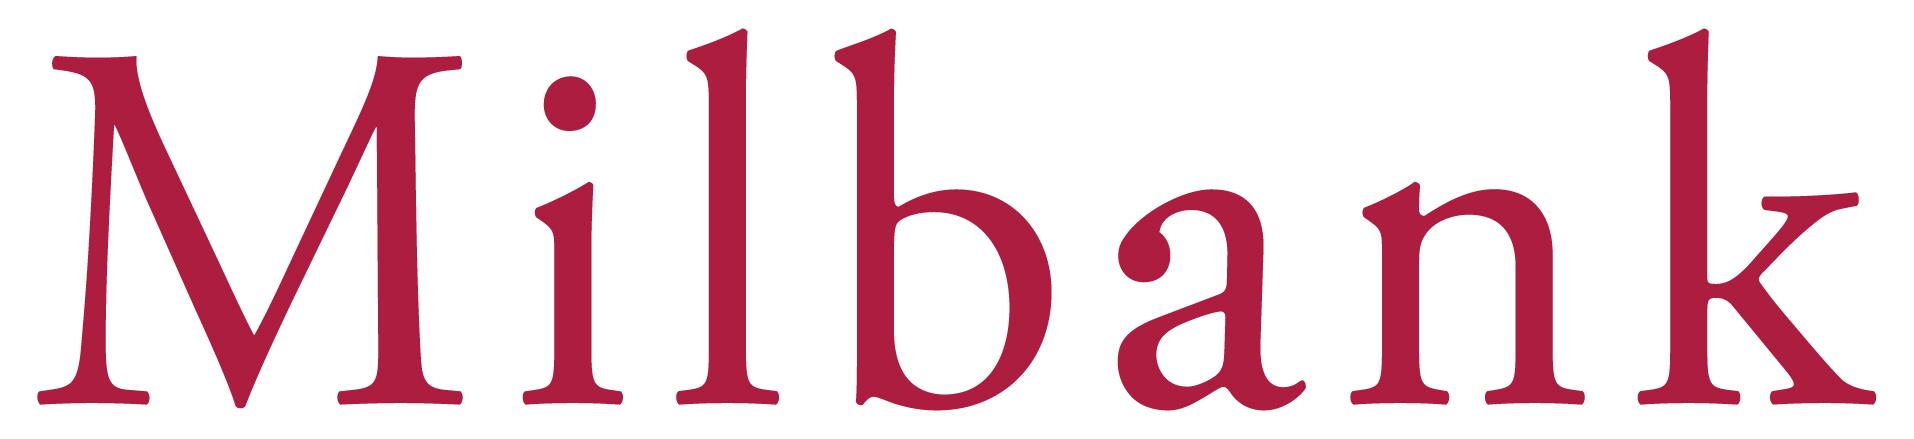 Milbank_logo.jpg